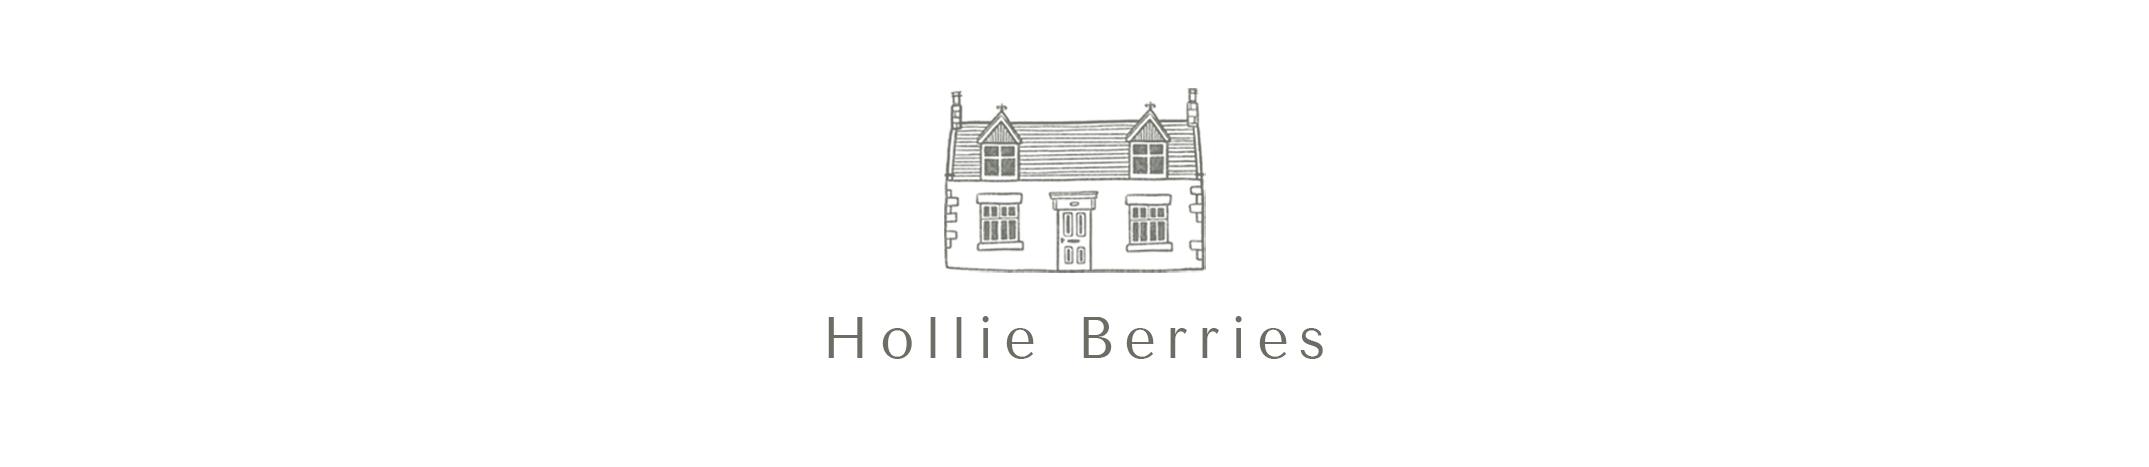 Hollie Berries